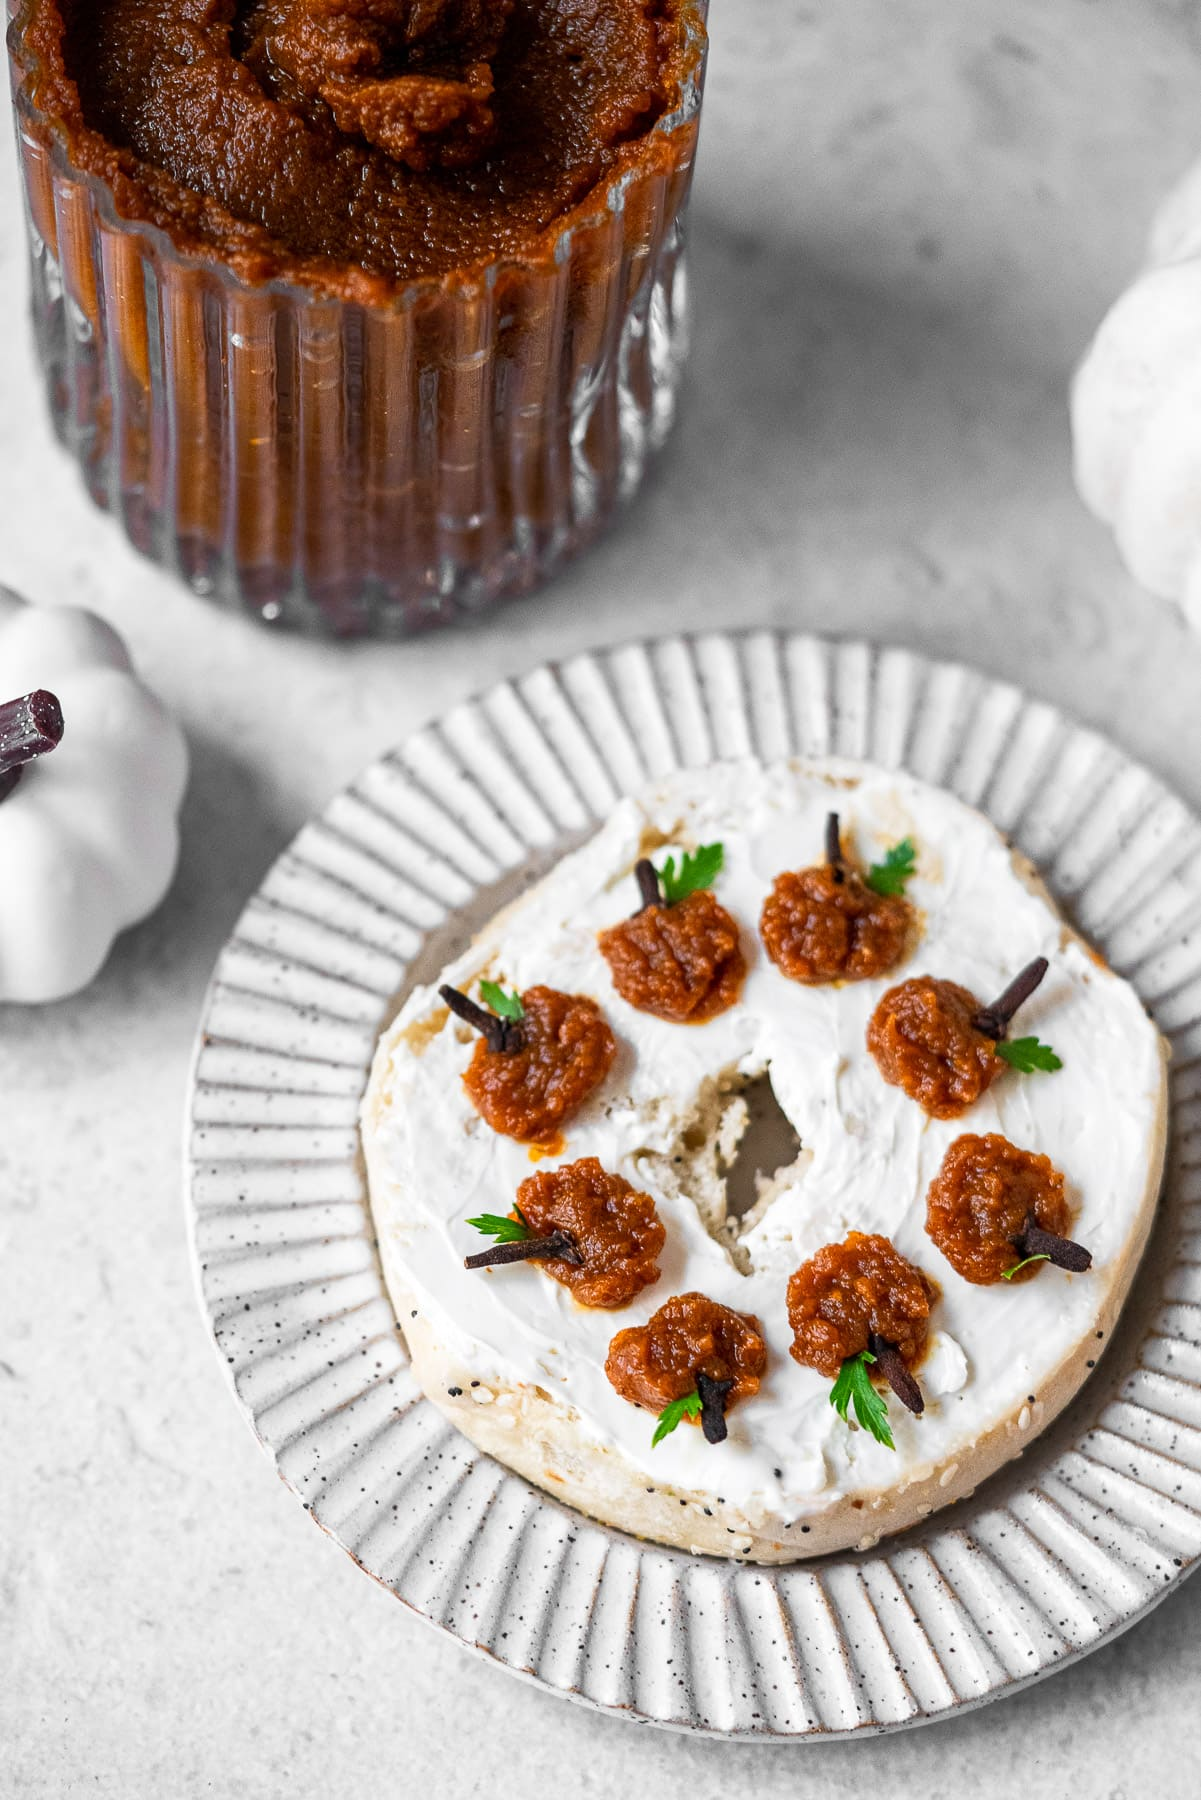 pumpkin butter cream cheese bagel on a plate with a jar of pumpkin butter